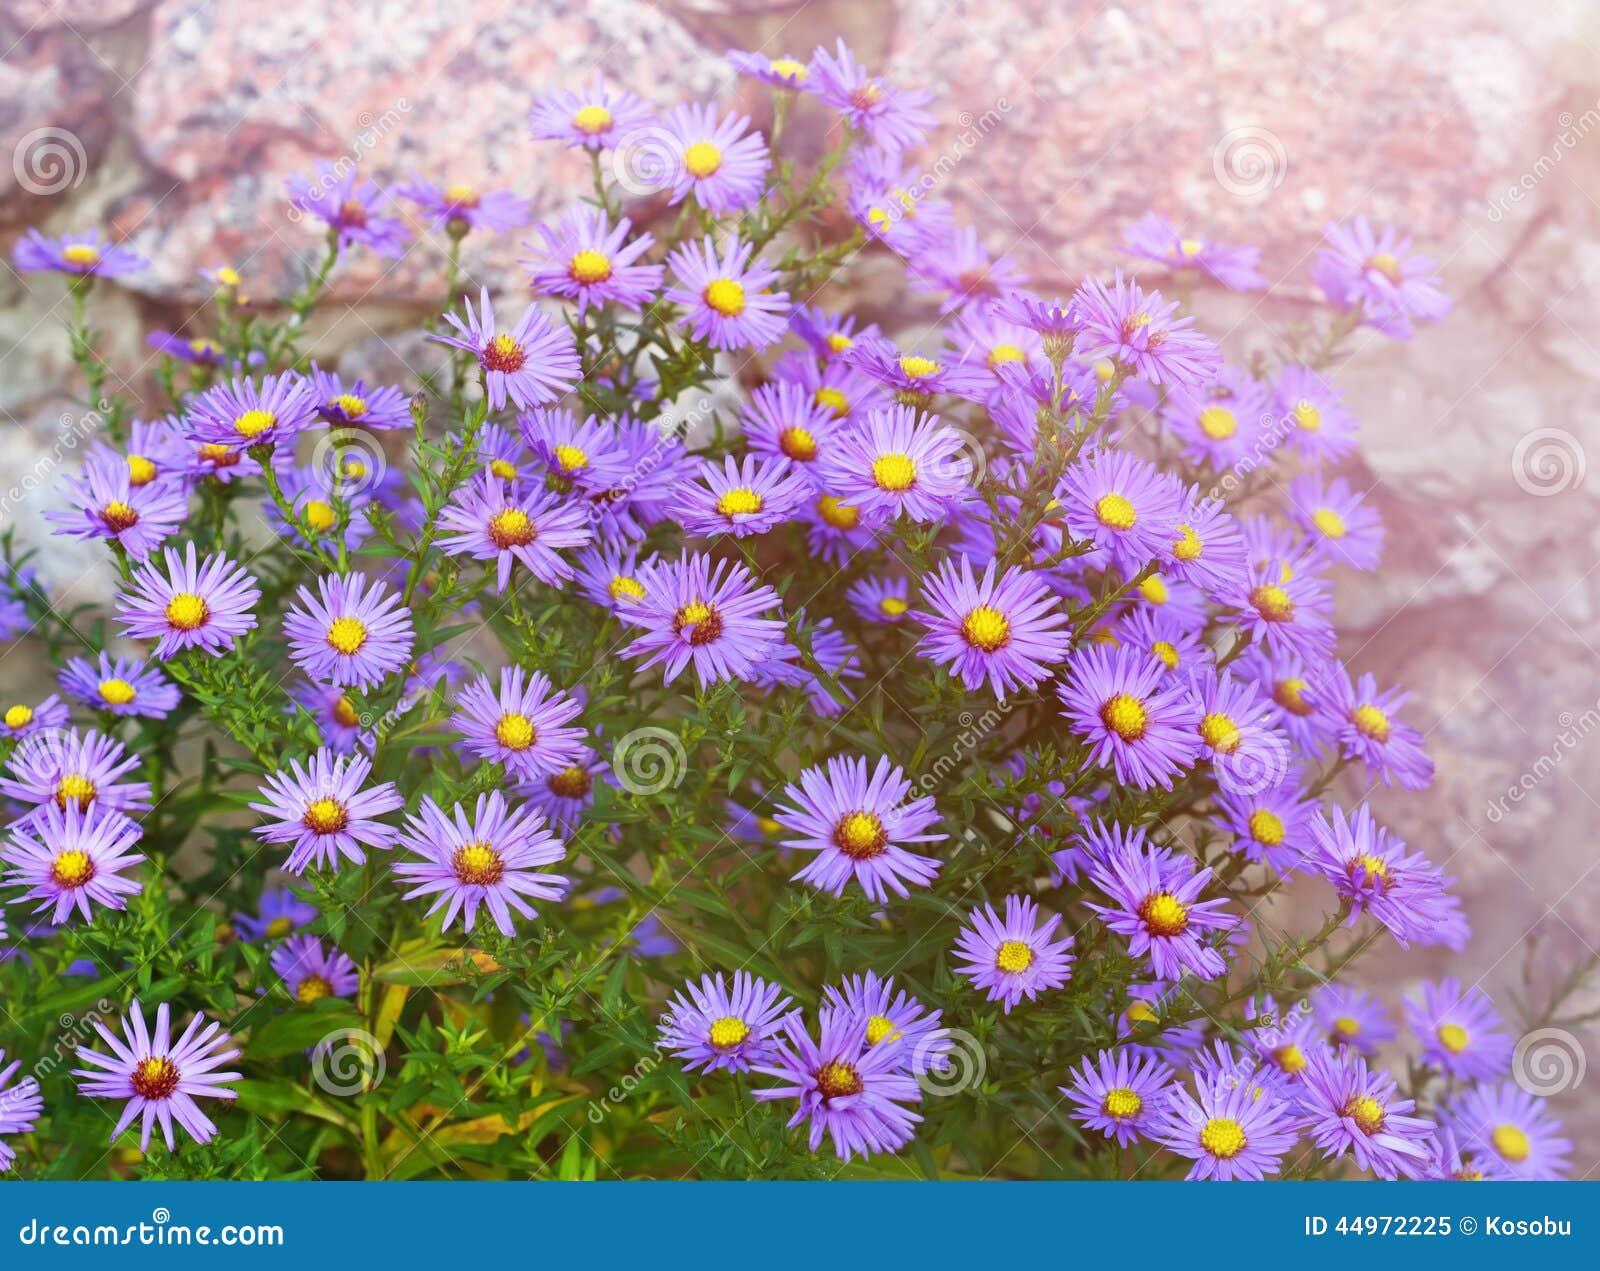 Como ásteres De New York, No Canteiro De Flores Do Jardim No Outono~ Flores Para Jardim De Outono